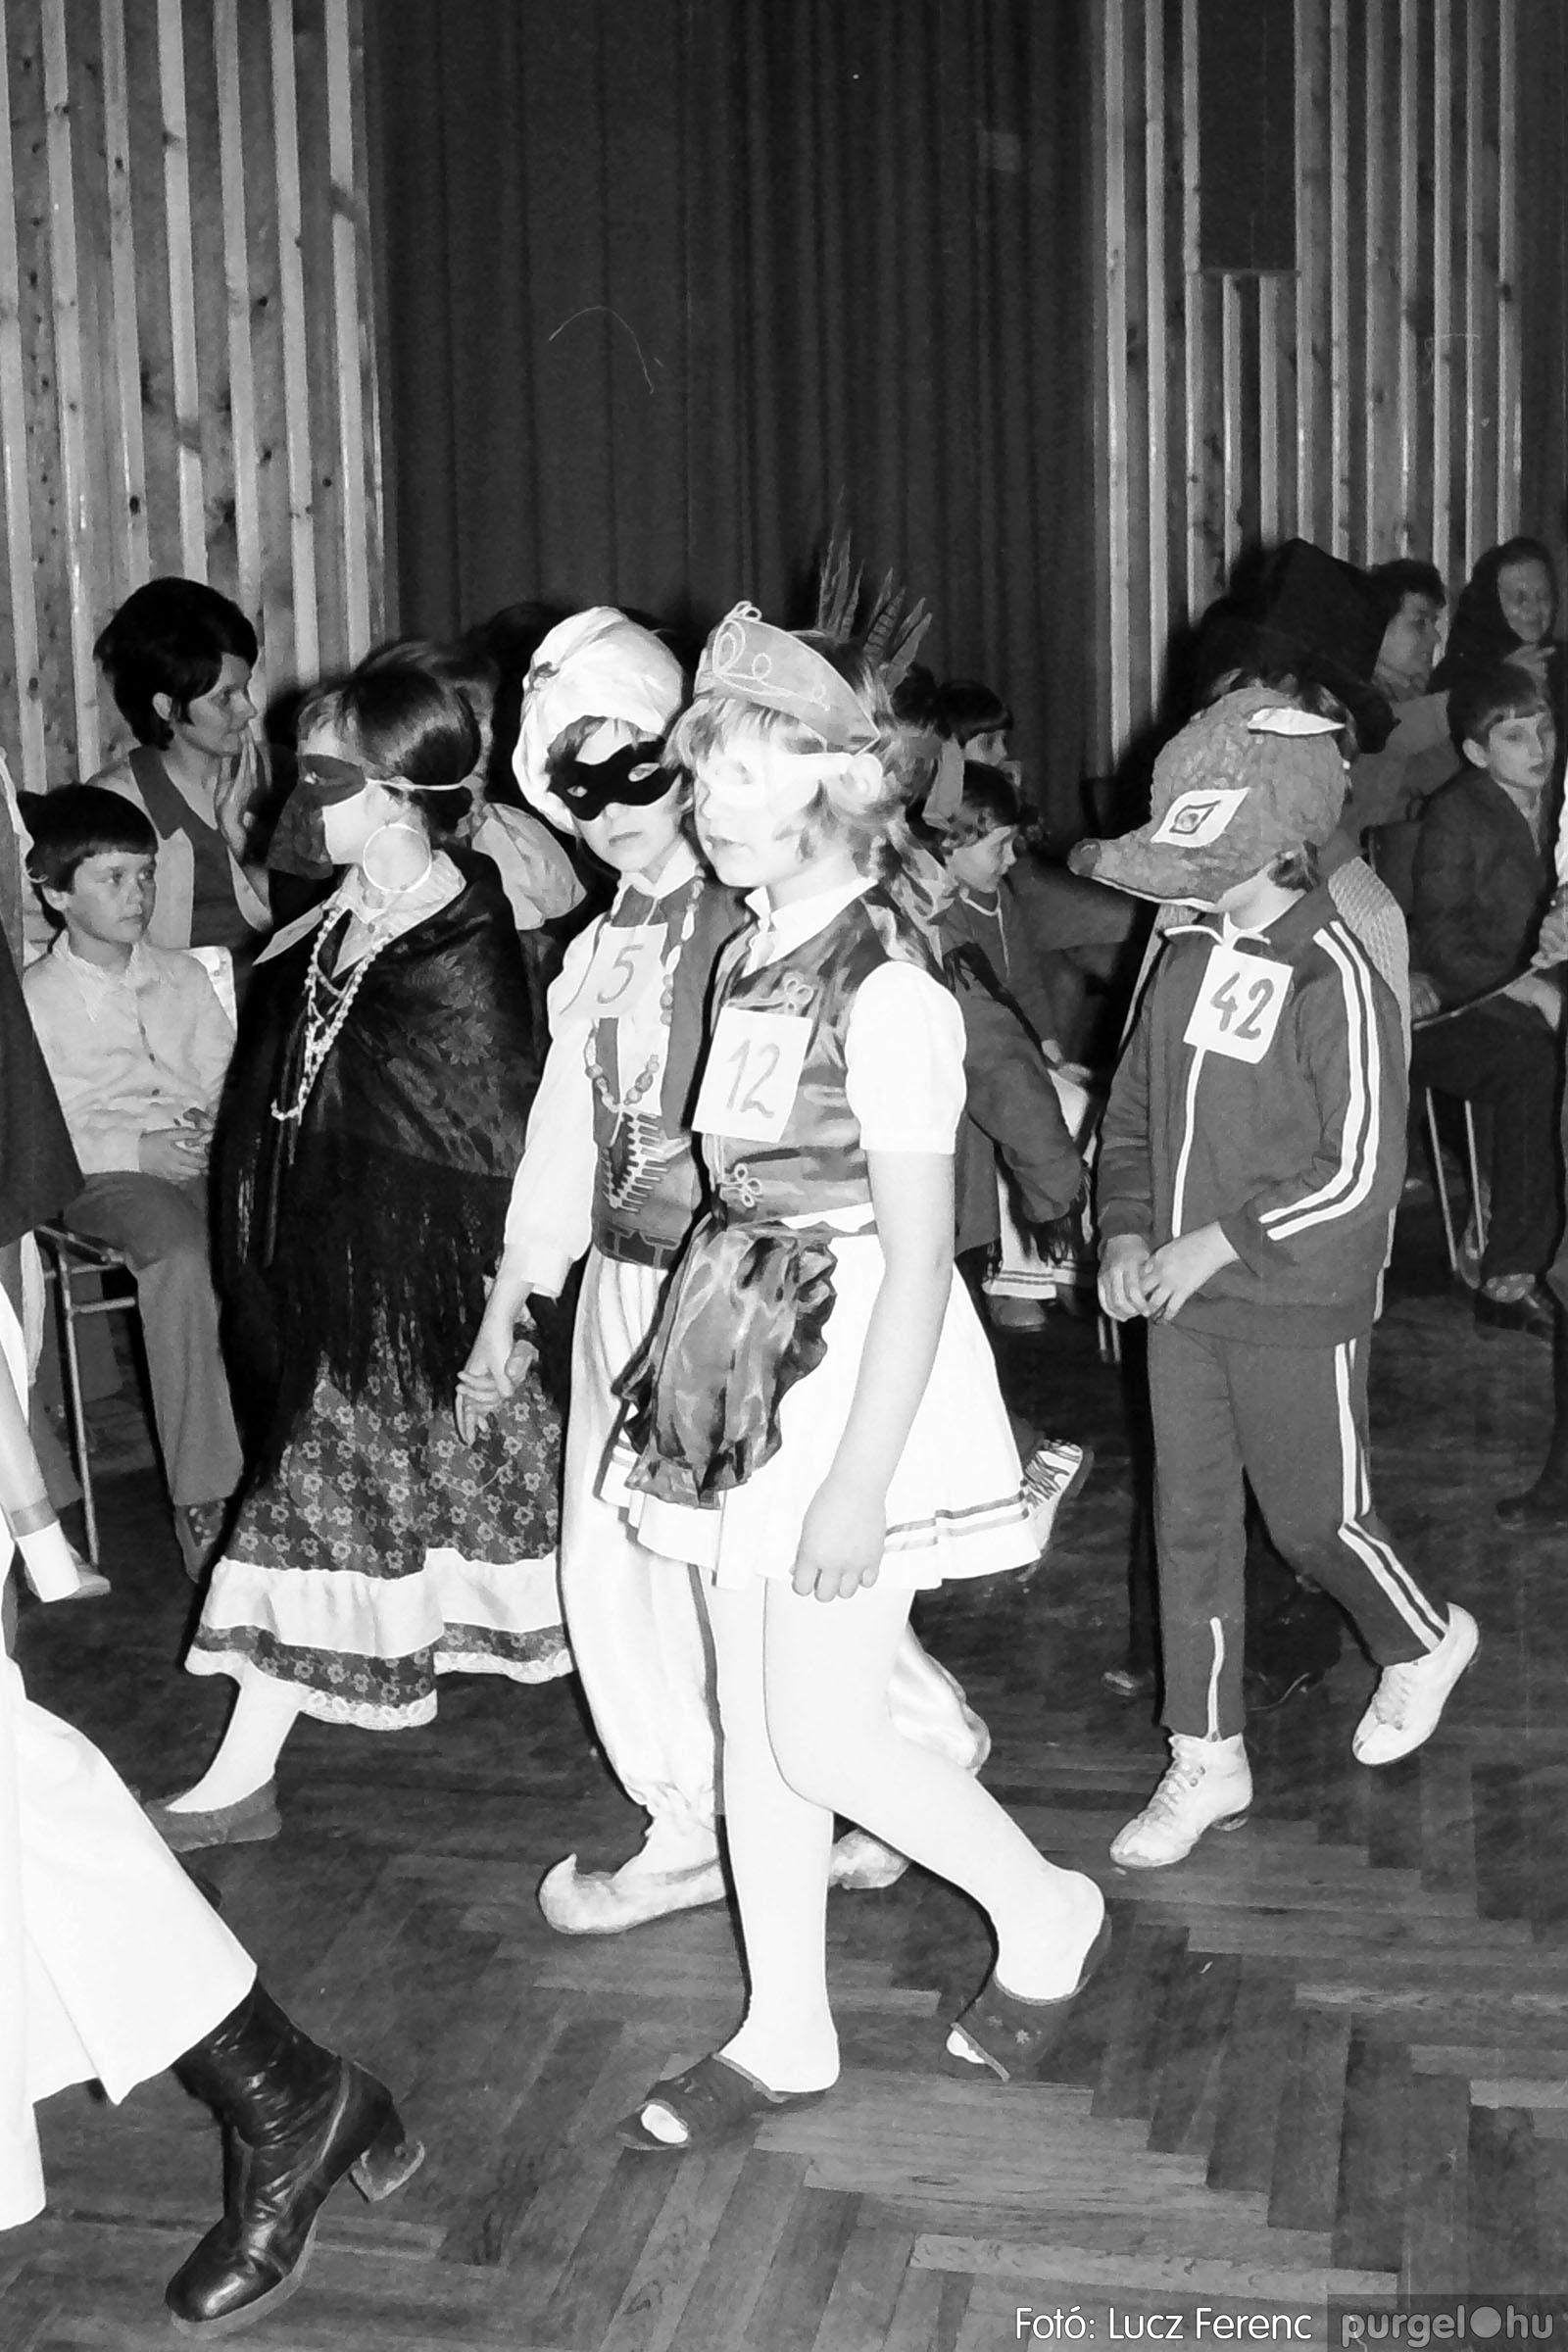 035. 1976. Iskolai farsang a kultúrházban 011 - Fotó: Lucz Ferenc.jpg